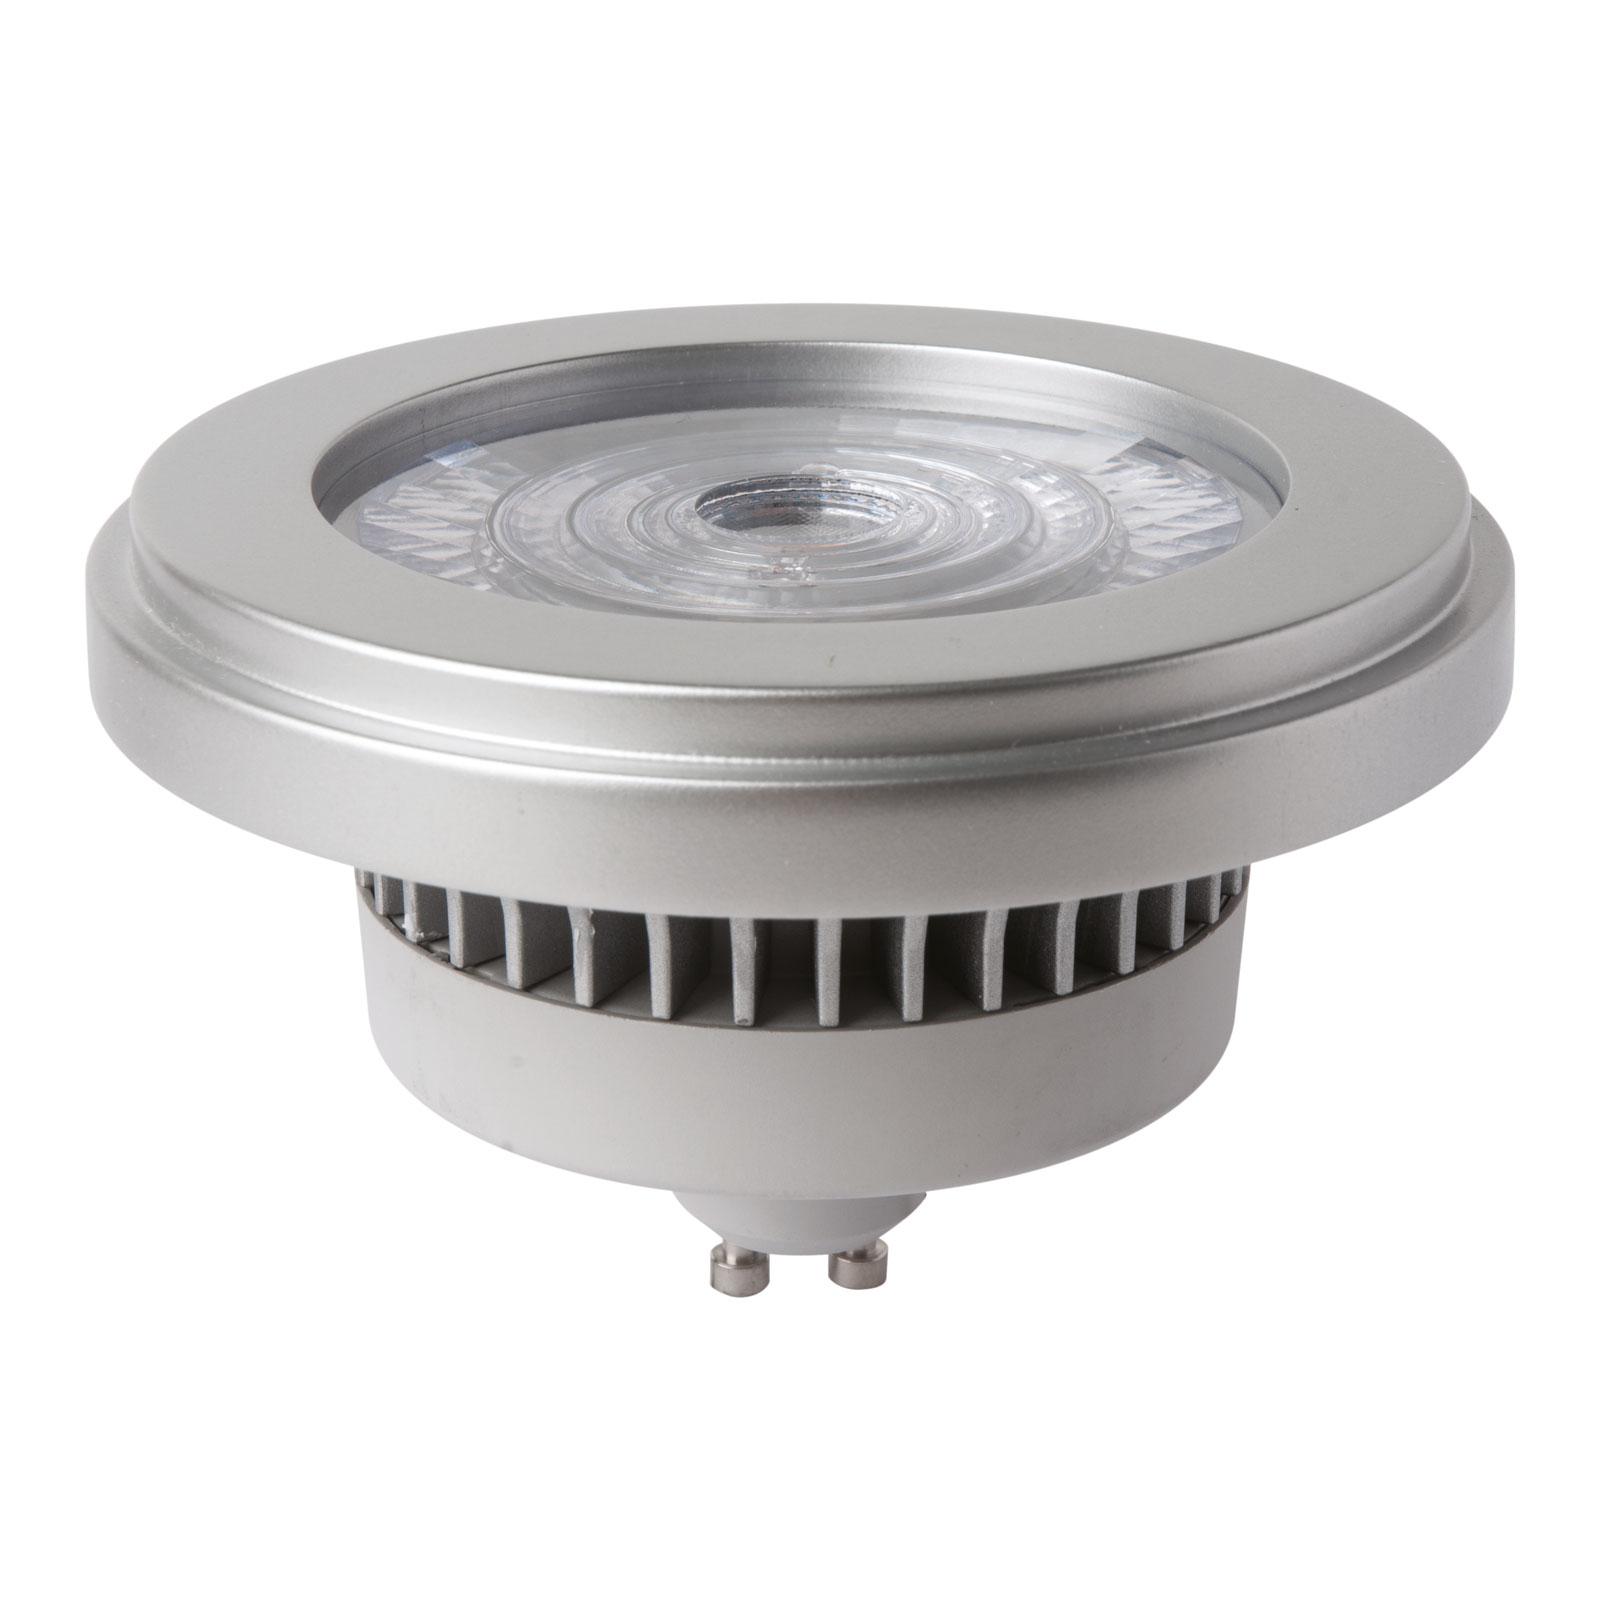 Reflektor LED GU10 11W Dual Beam uniwersalna biel